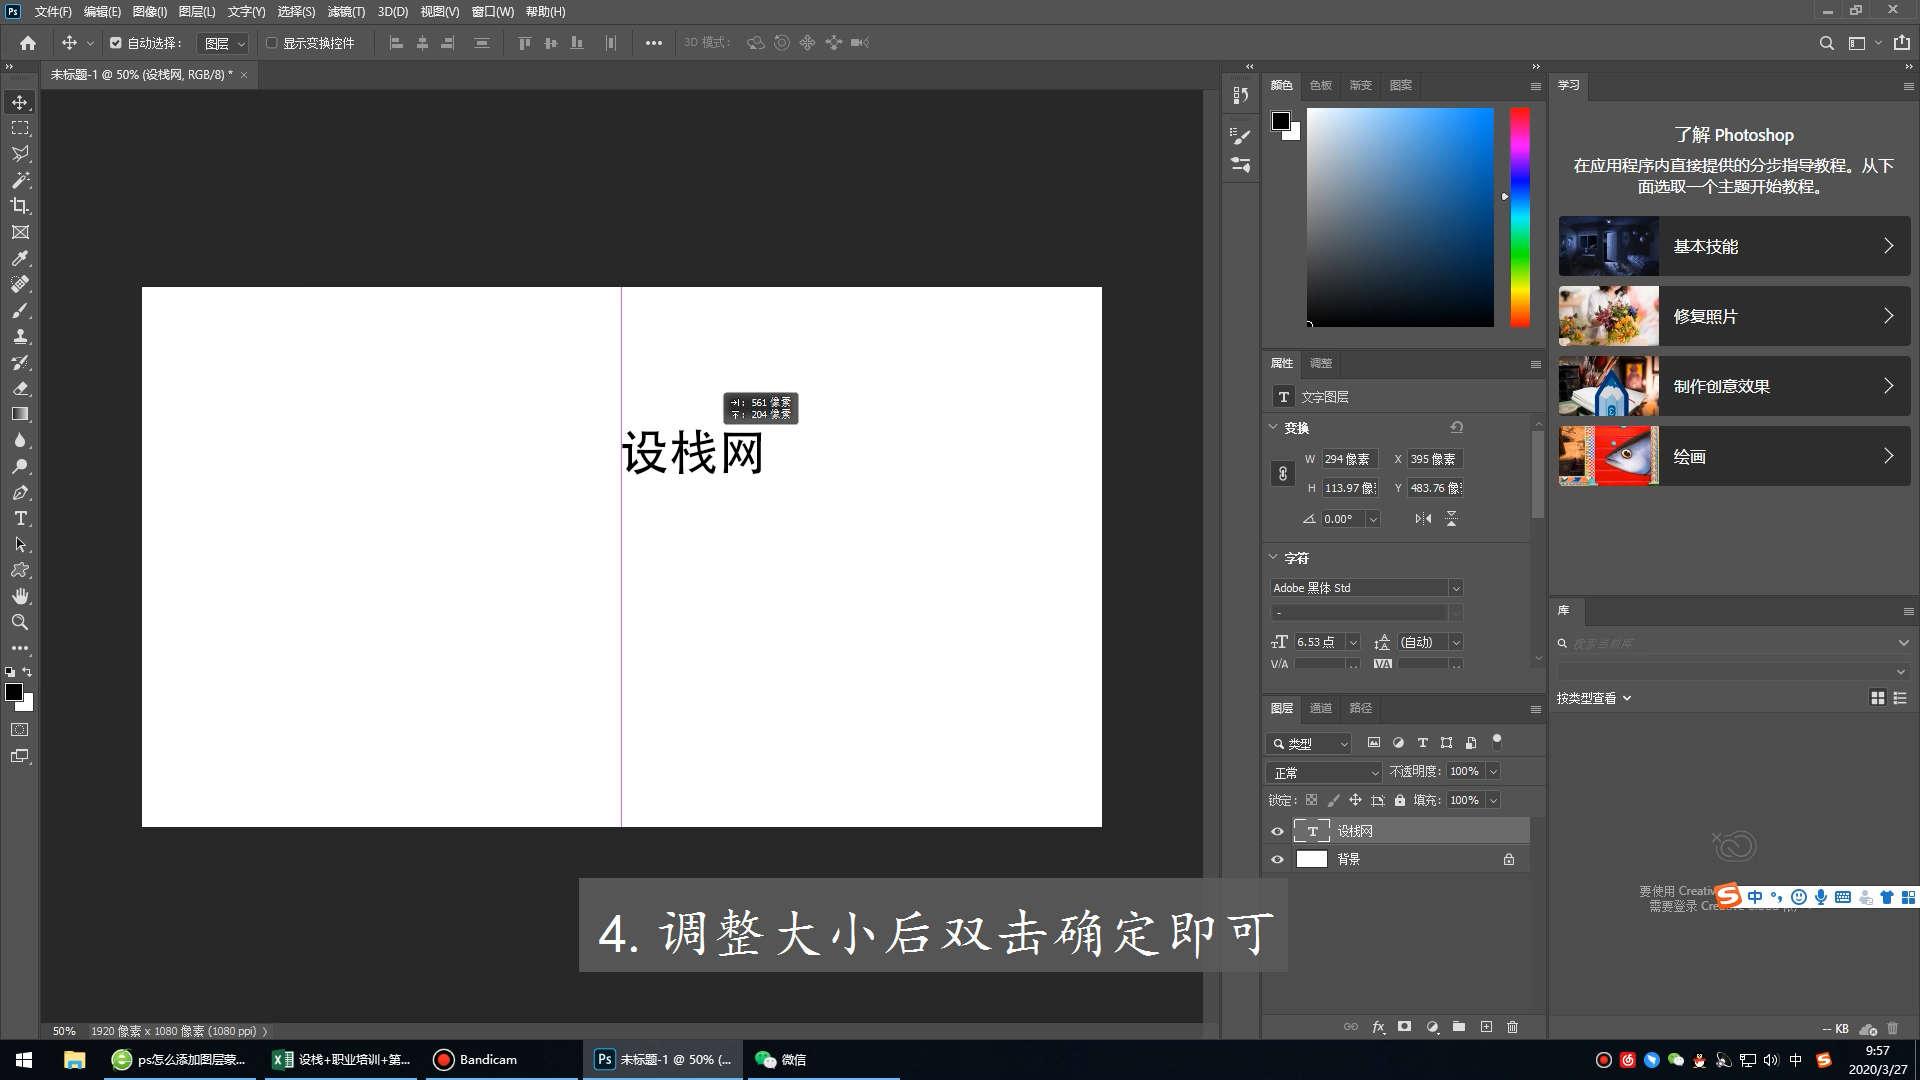 如何给图片编辑添加文字第4步